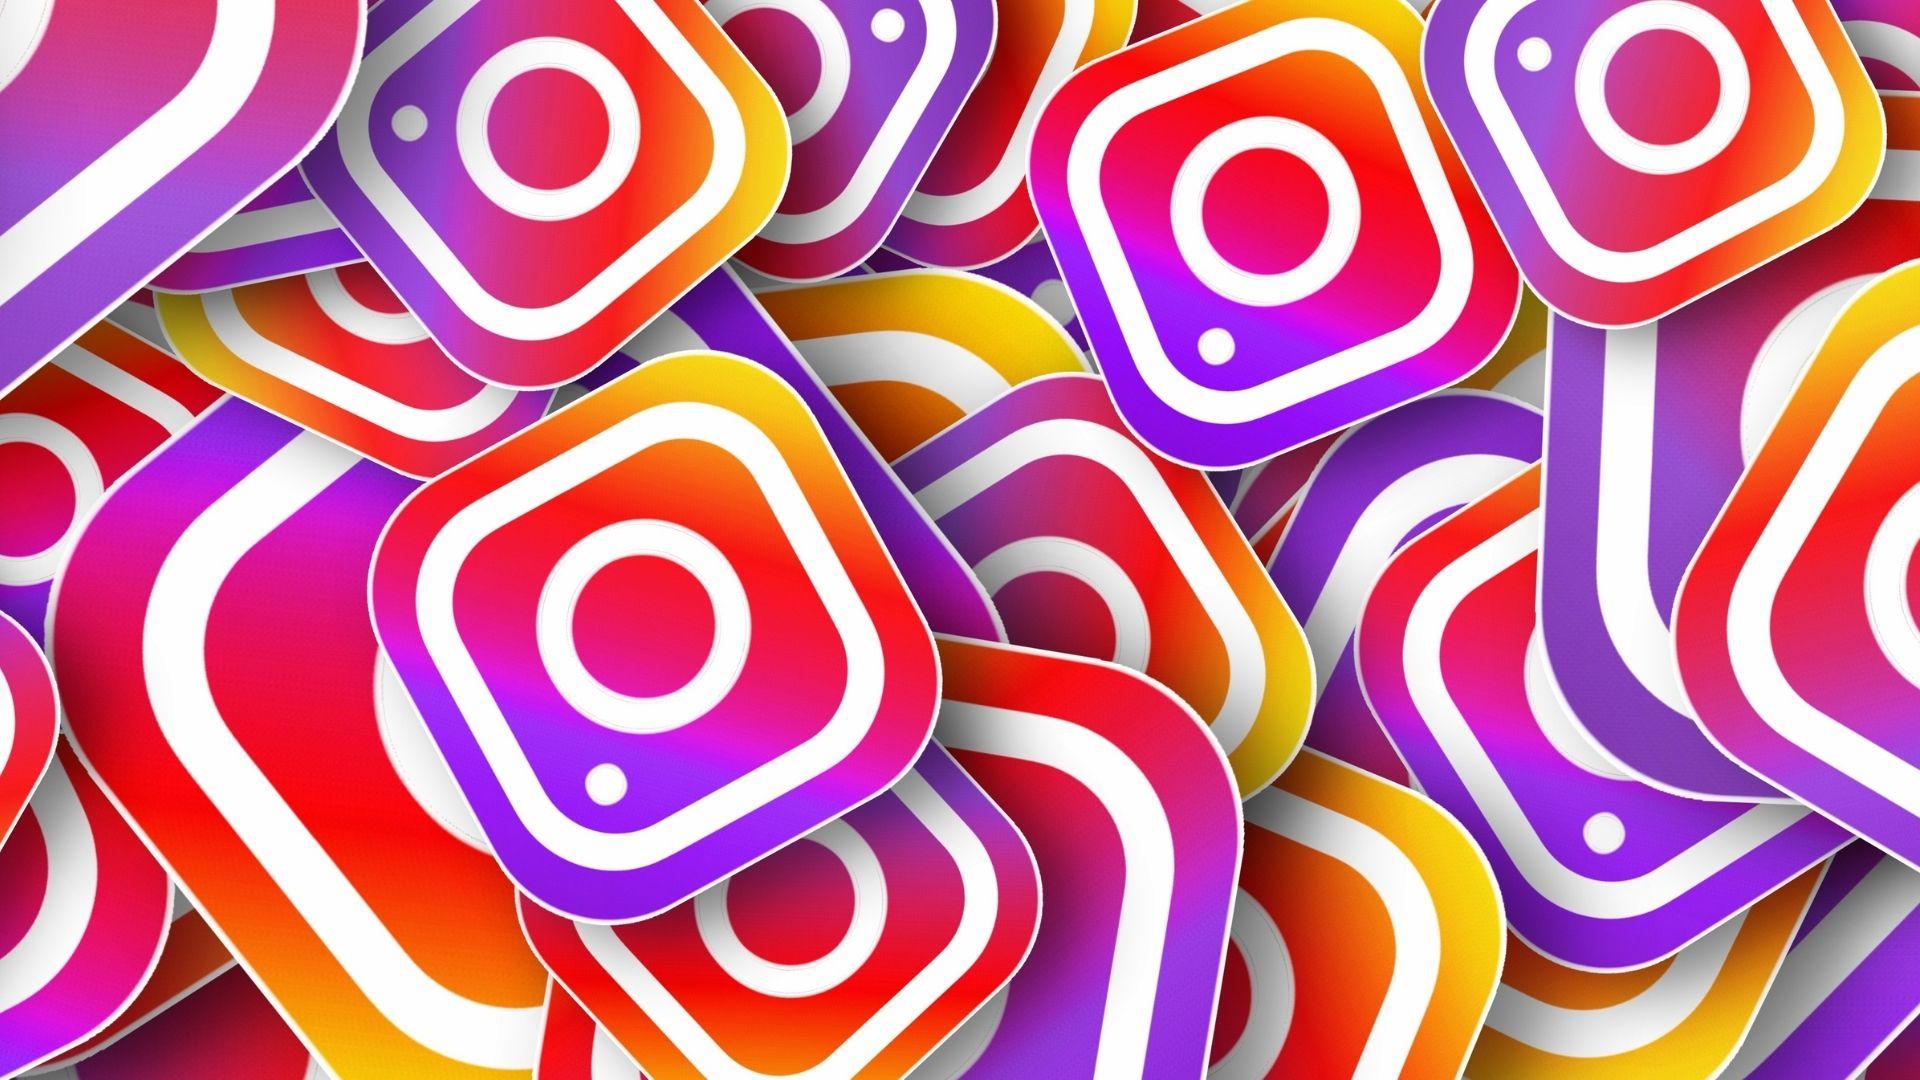 Instagrams logo